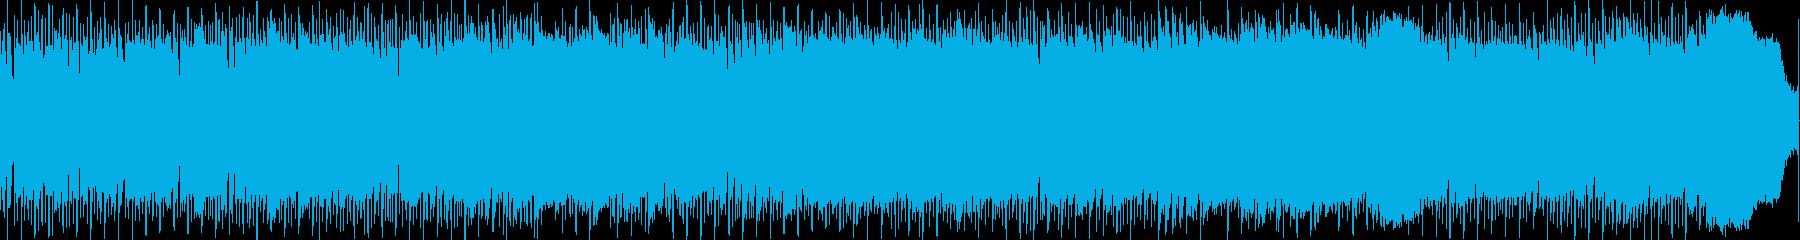 素敵な抽象的なジャムヒムニックギタ...の再生済みの波形